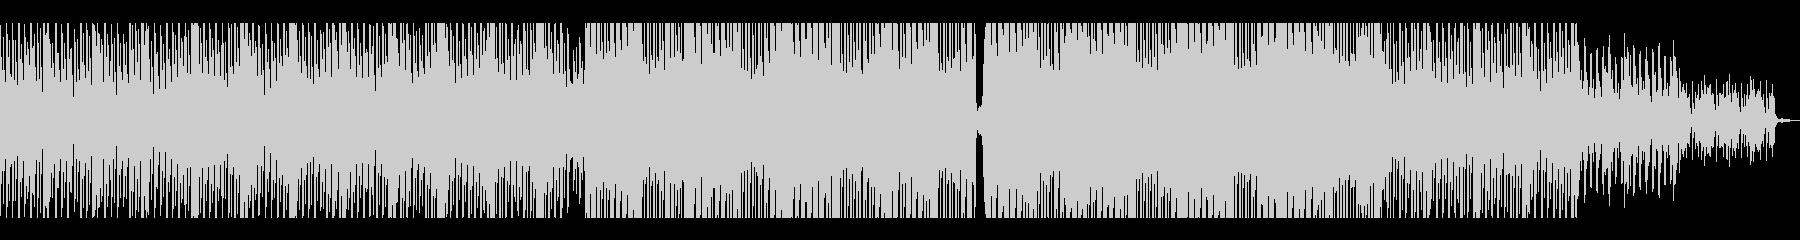 【短いVer1】80年代風テクノポップの未再生の波形